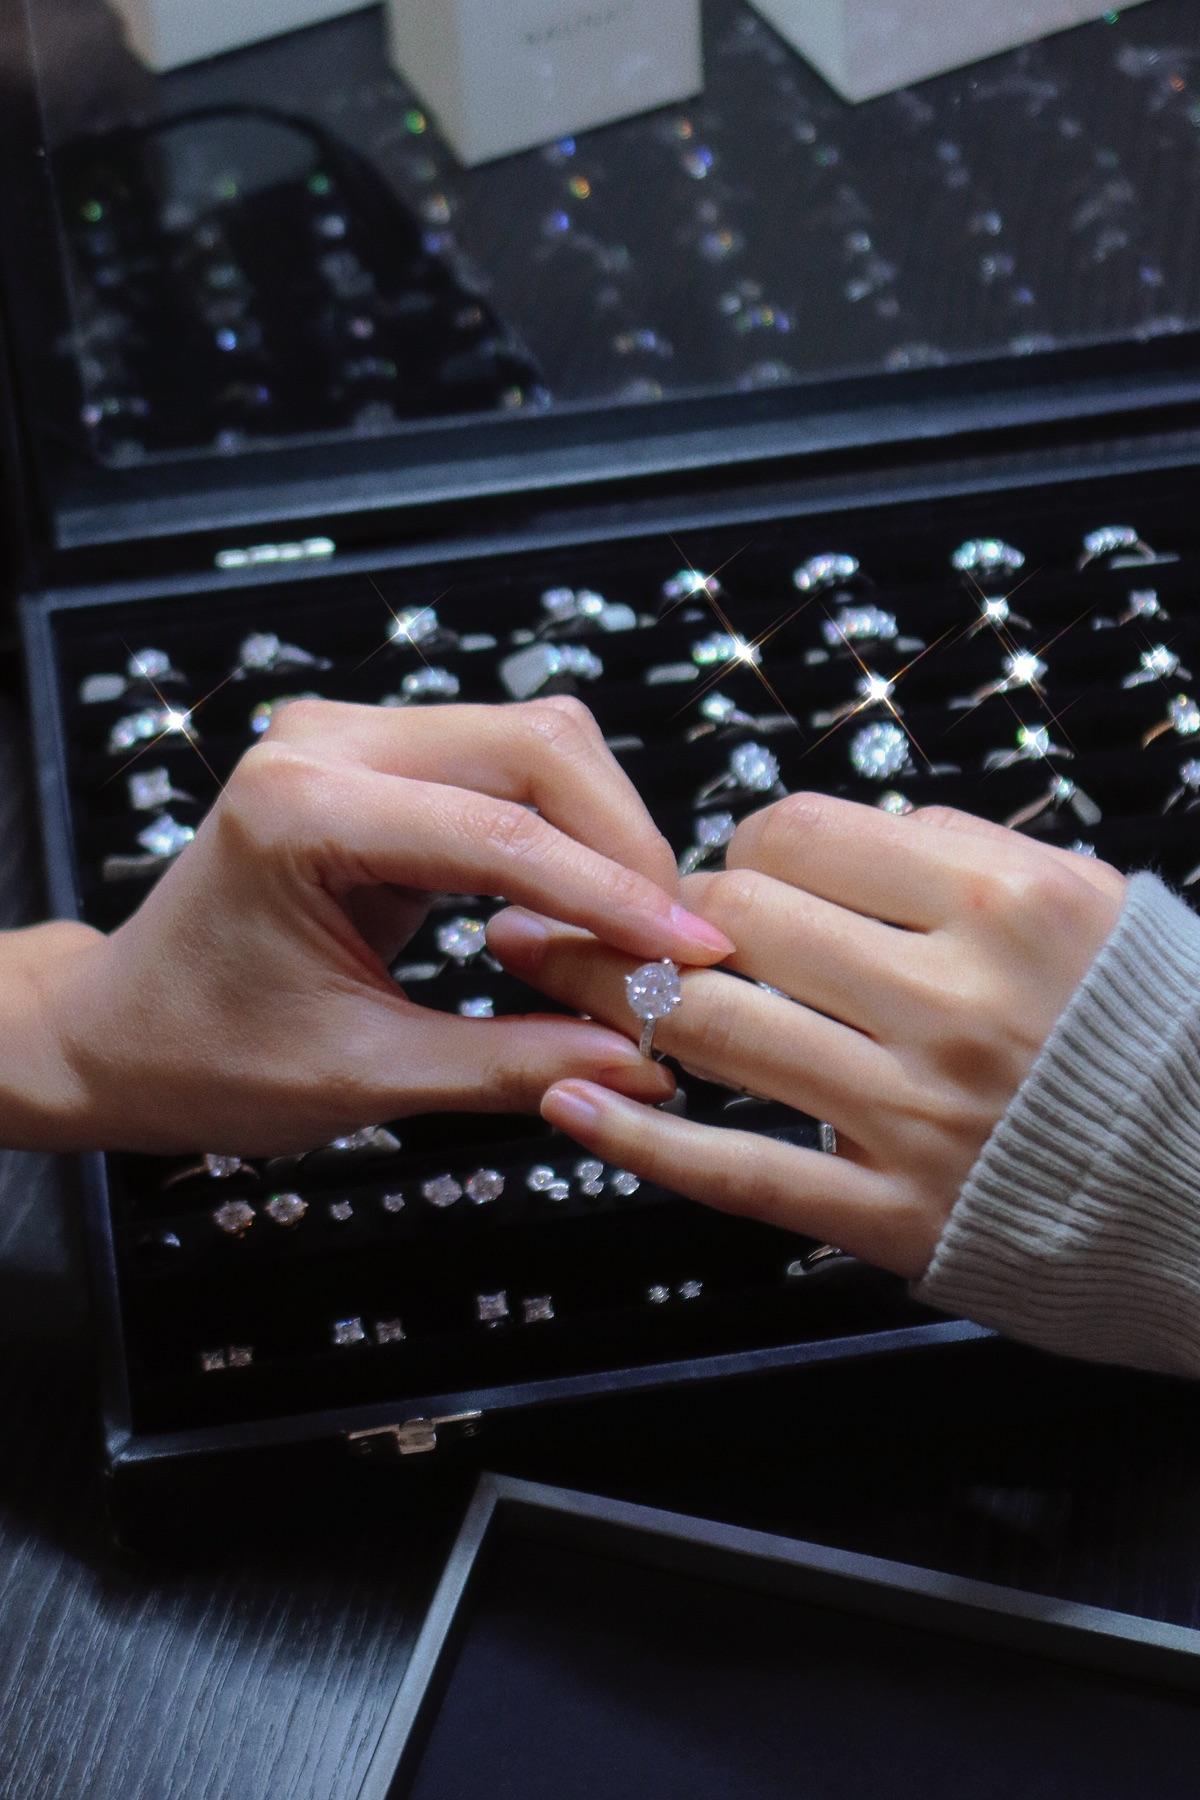 欧洲小众珠宝🇫🇷法国人的求婚钻戒长啥样💍